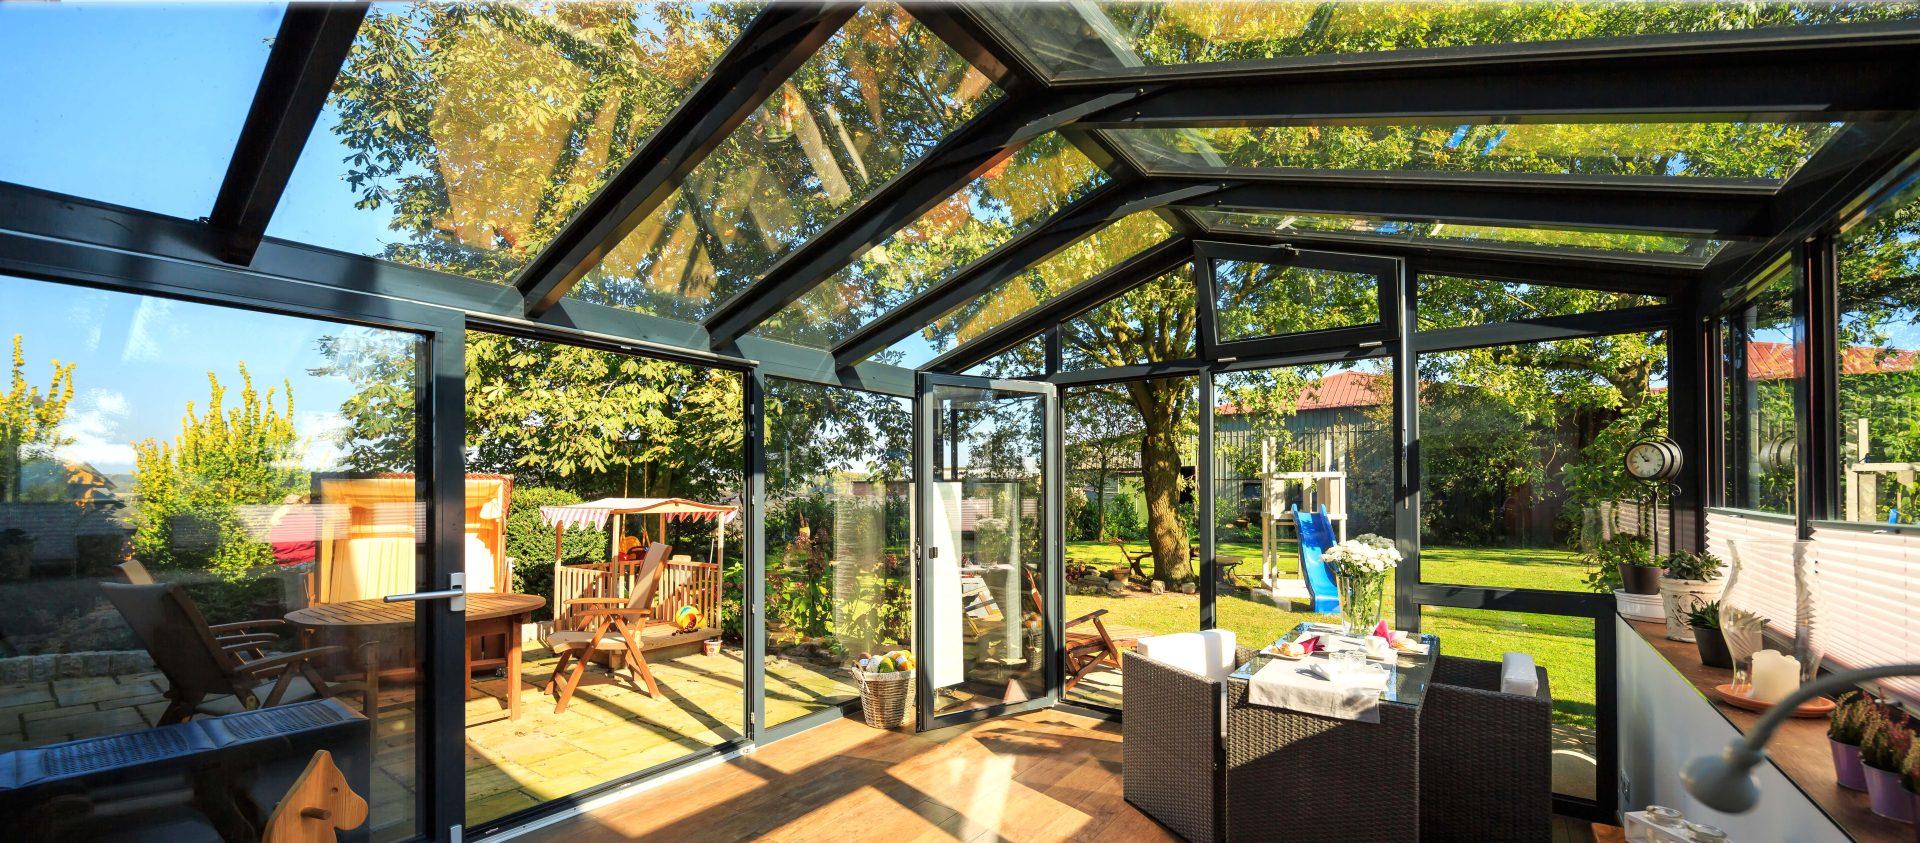 Serre_solari_bioclimatiche_progettazione_installazione_Padova_Vicenza_Stameat_srl